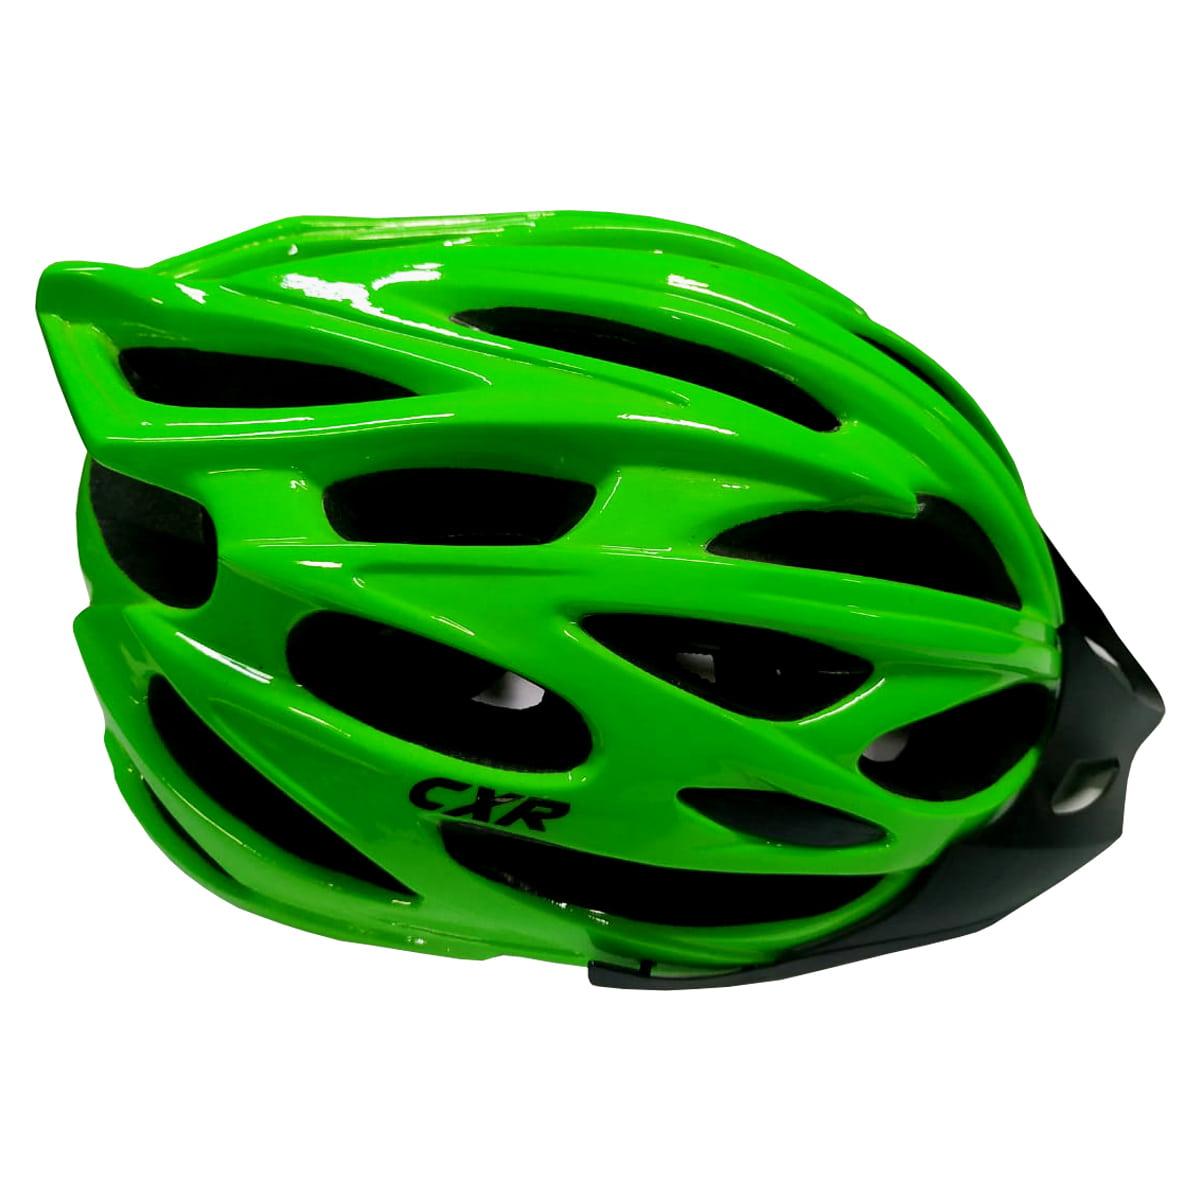 Capacete Ciclismo CXR Verde Com Luz